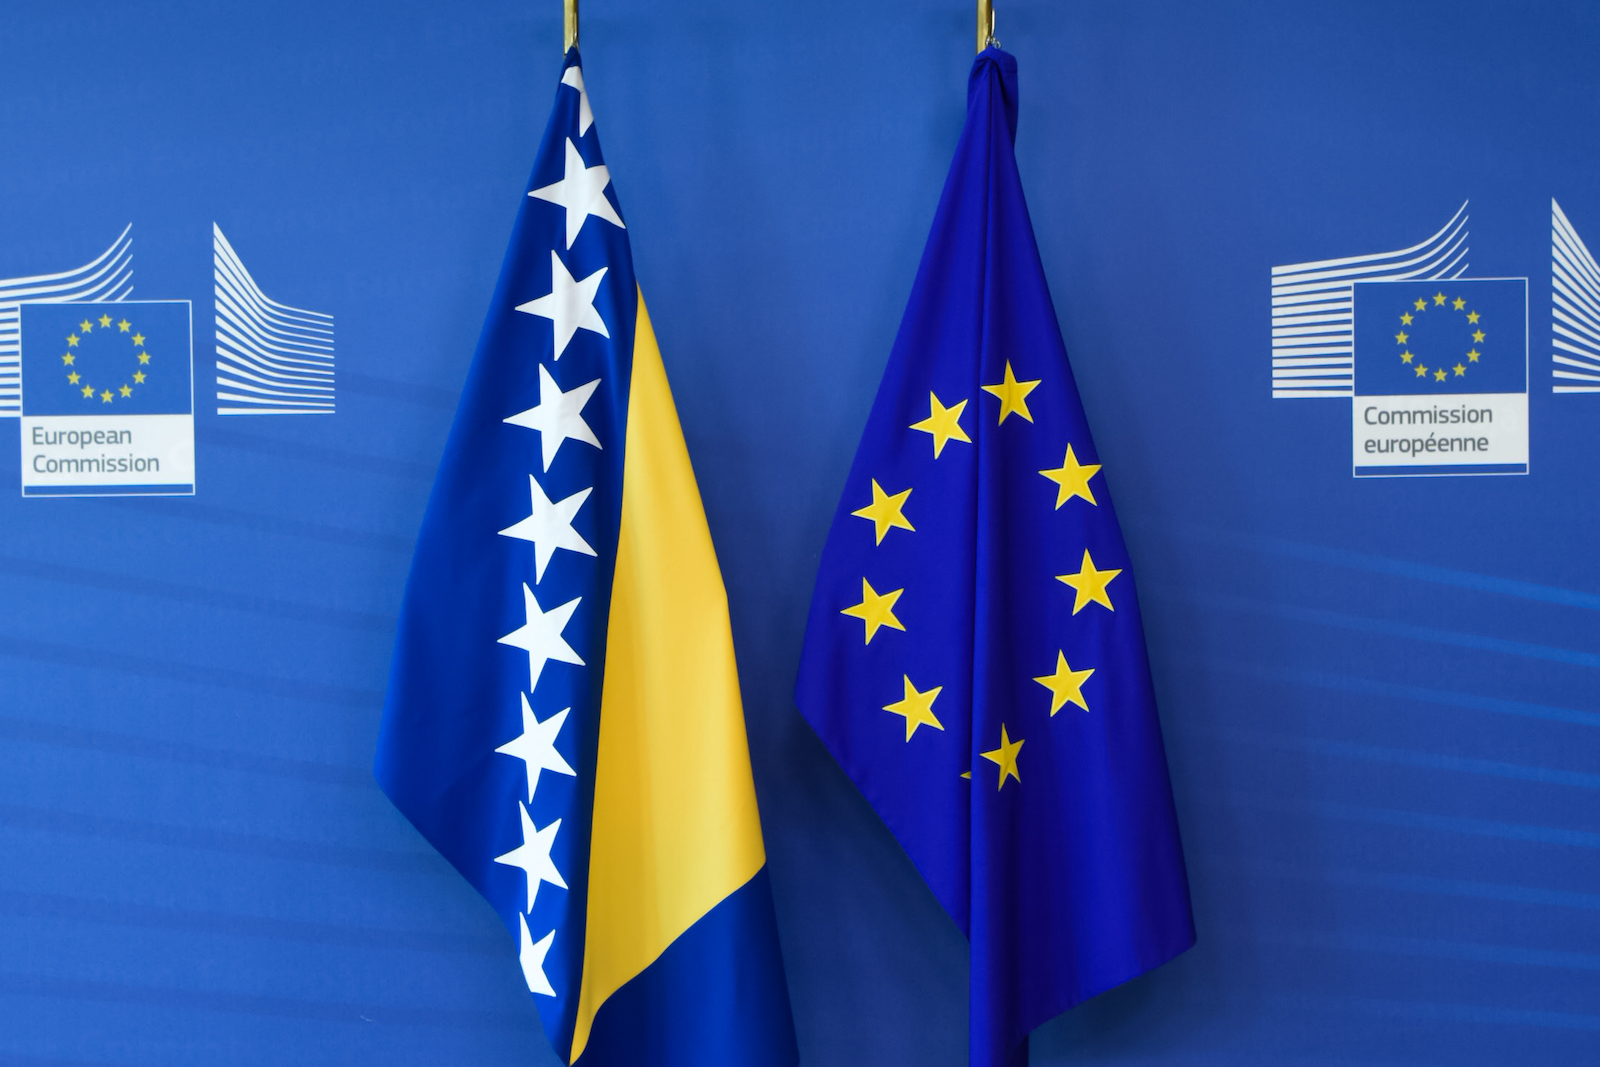 Βοσνία-Ερζεγοβίνη: 125 εκατ. ευρώ σε μακροοικονομική χρηματοδοτική συνδρομή (ΜΧΣ) για τη Βοσνία-Ερζεγοβίνη